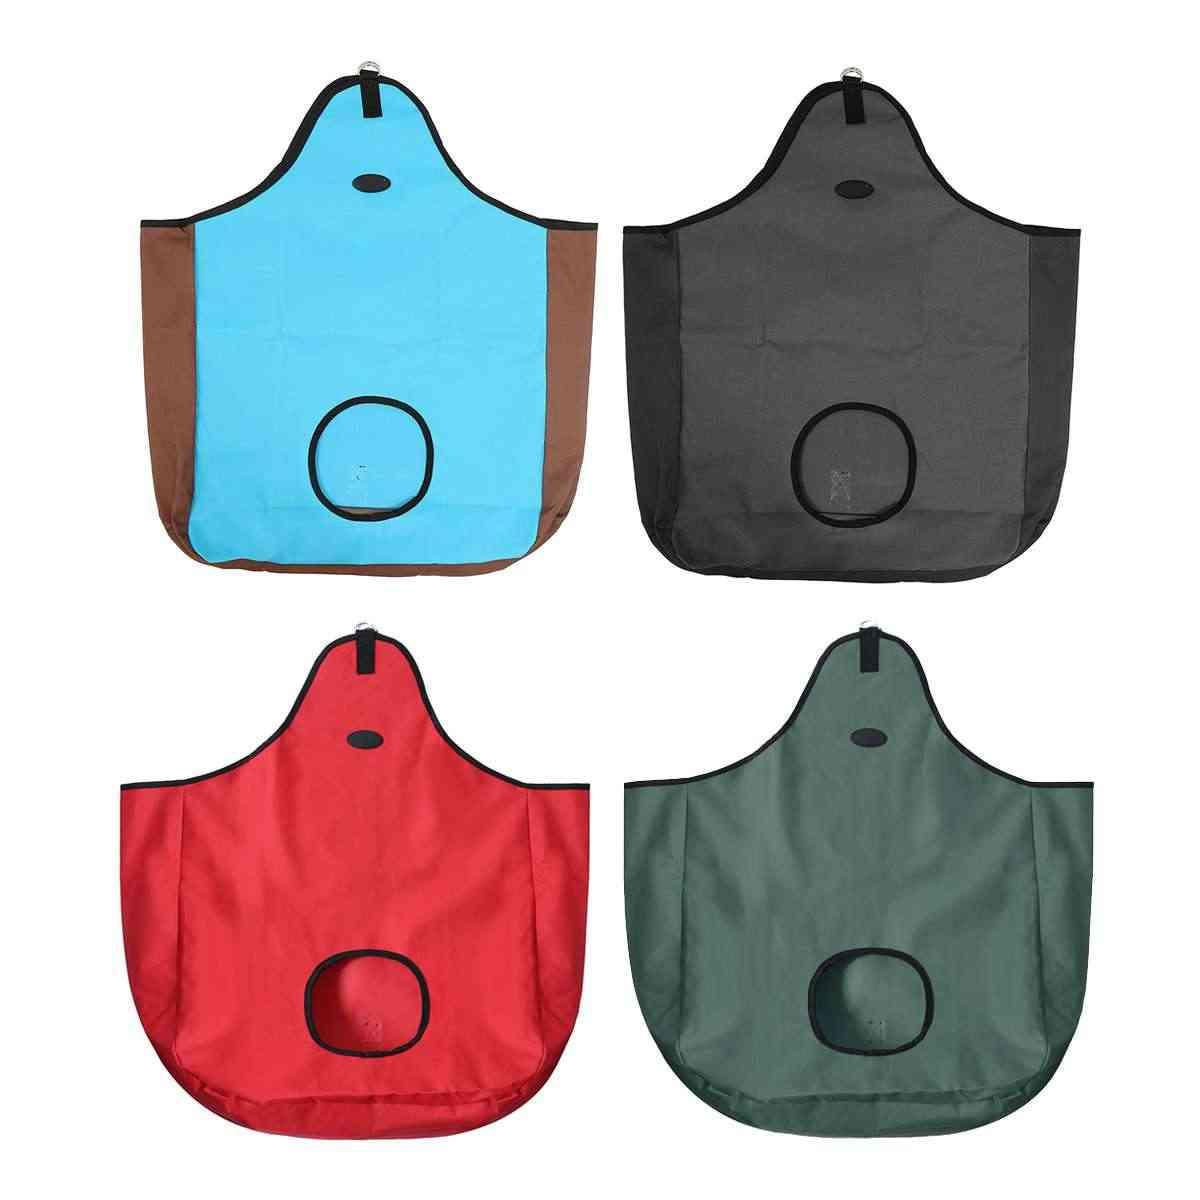 Taşınabilir yavaş besleme Hay çanta besleyici kılıfı delikli delik azaltmak Wa çiftlik malzemeleri açık at binme saman depolama net